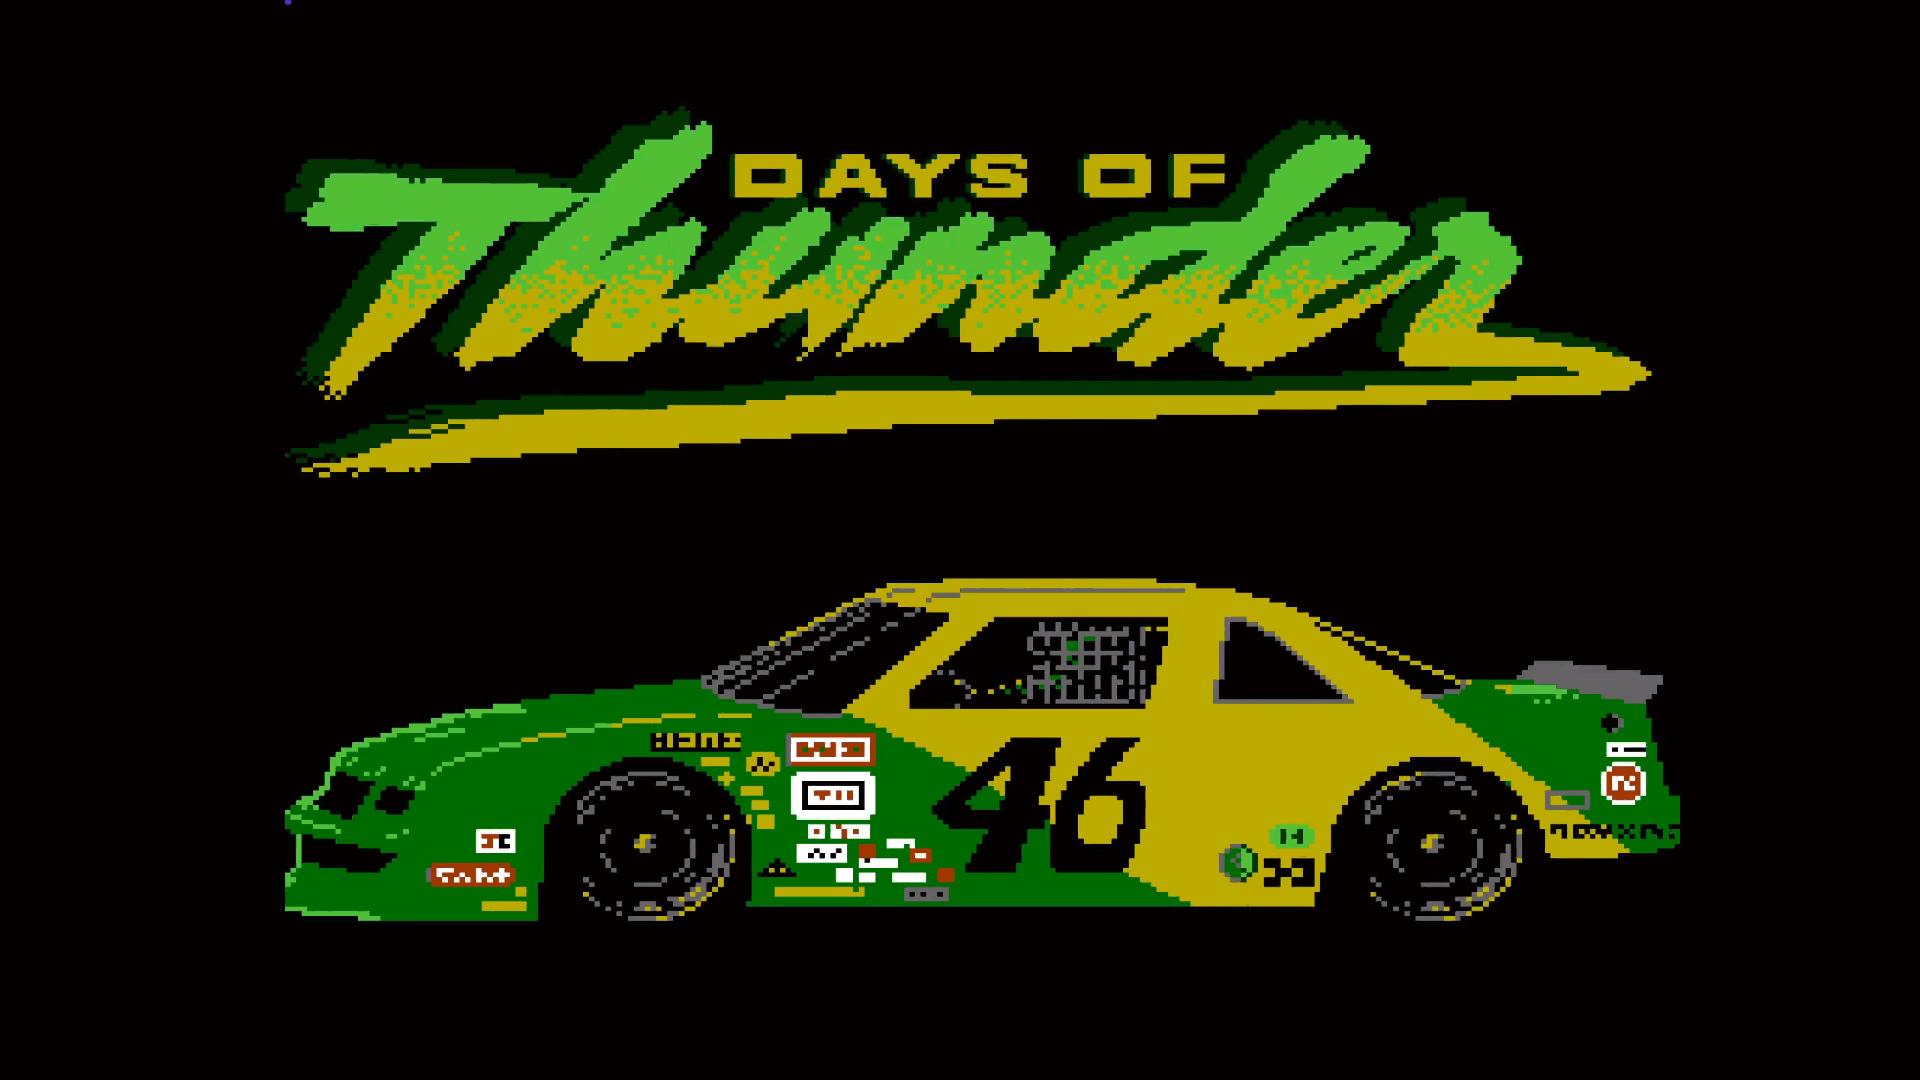 """""""Days of Thunder"""", el videojuego de NES que vio la luz 30 años después"""